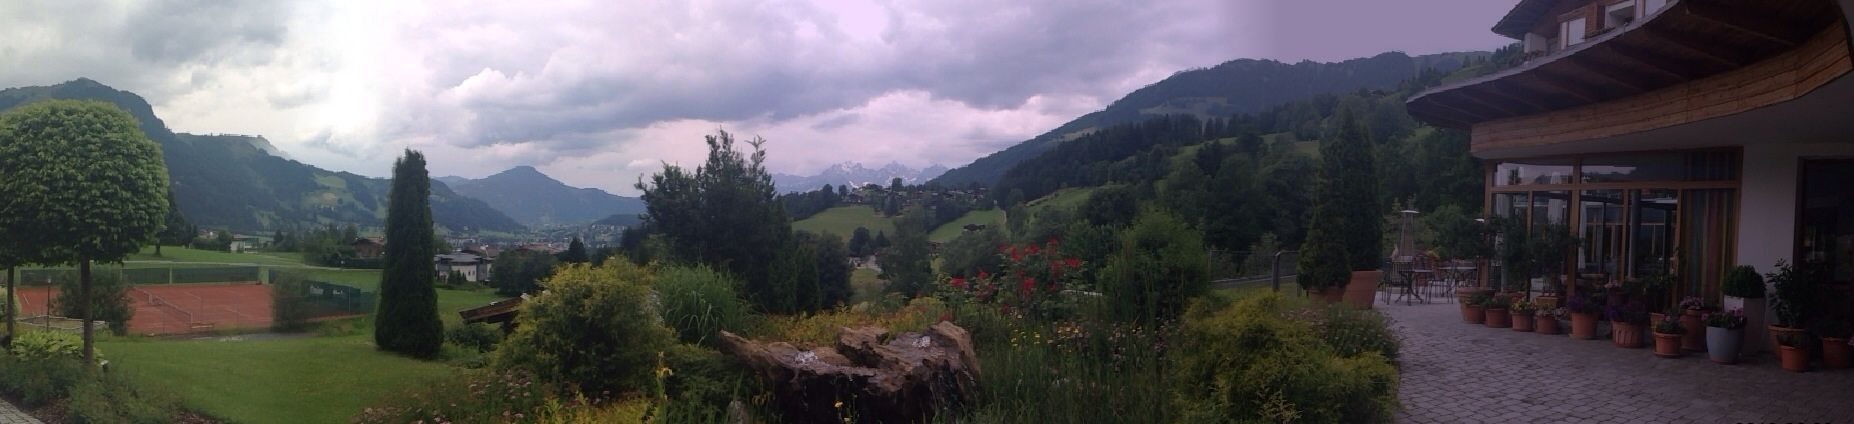 Blick auf Kitzbühel